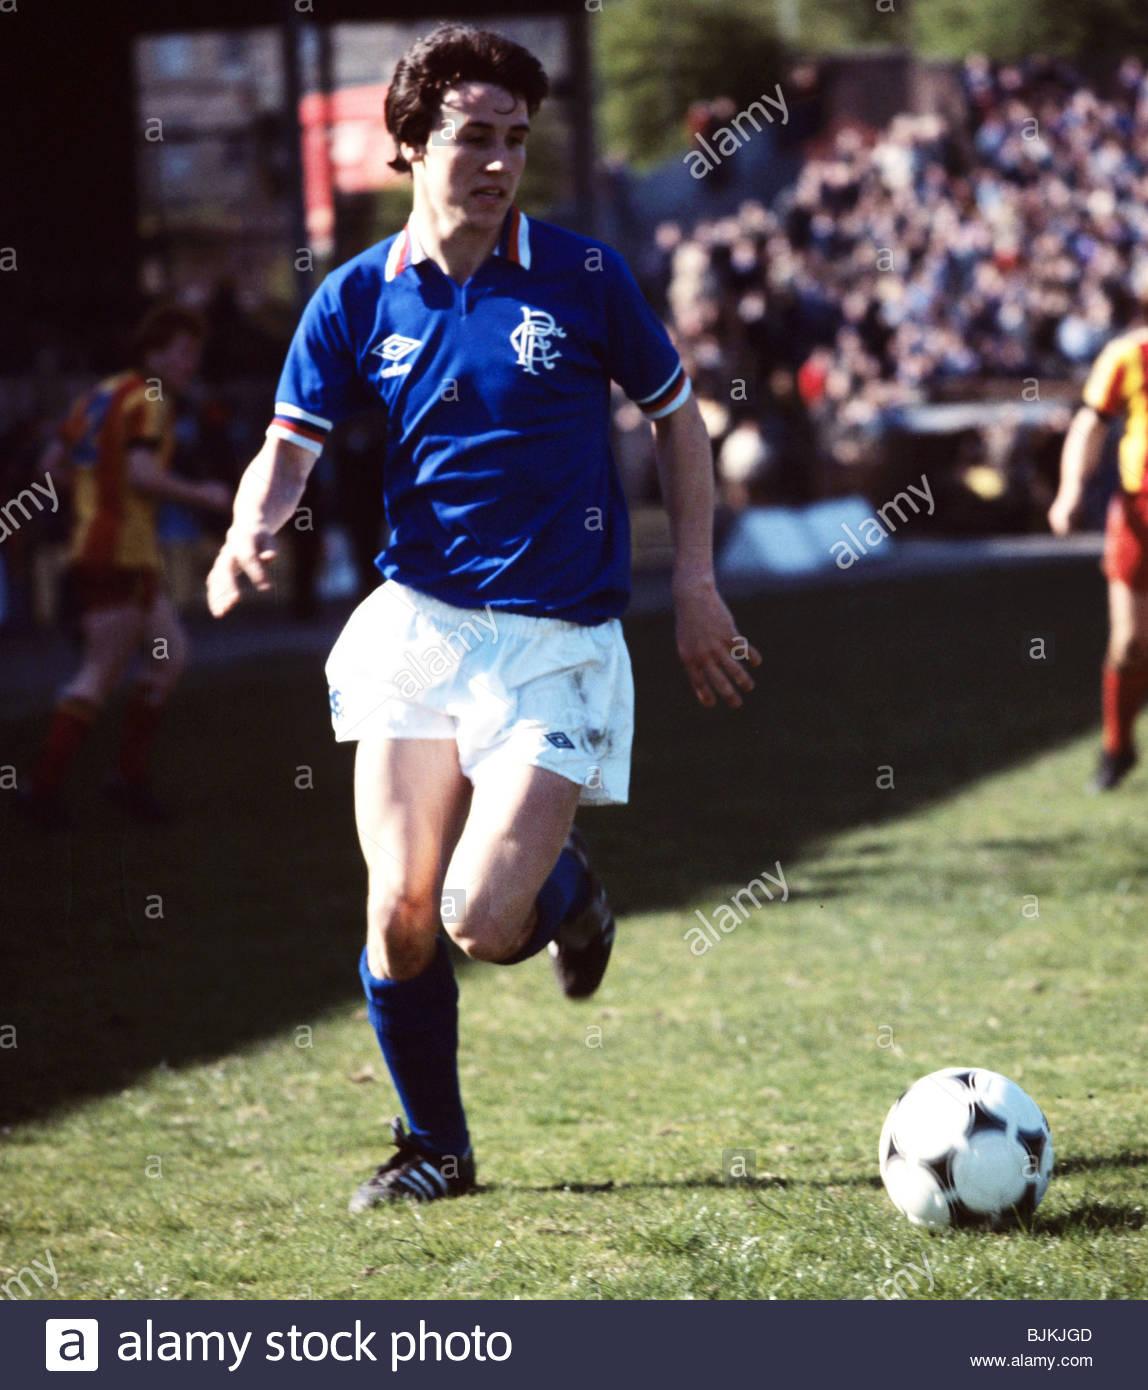 SEASON 1980/1981 PARTICK THISTLE v RANGERS FIRHILL - GLASGOW John MacDonald in action for Rangers. - Stock Image